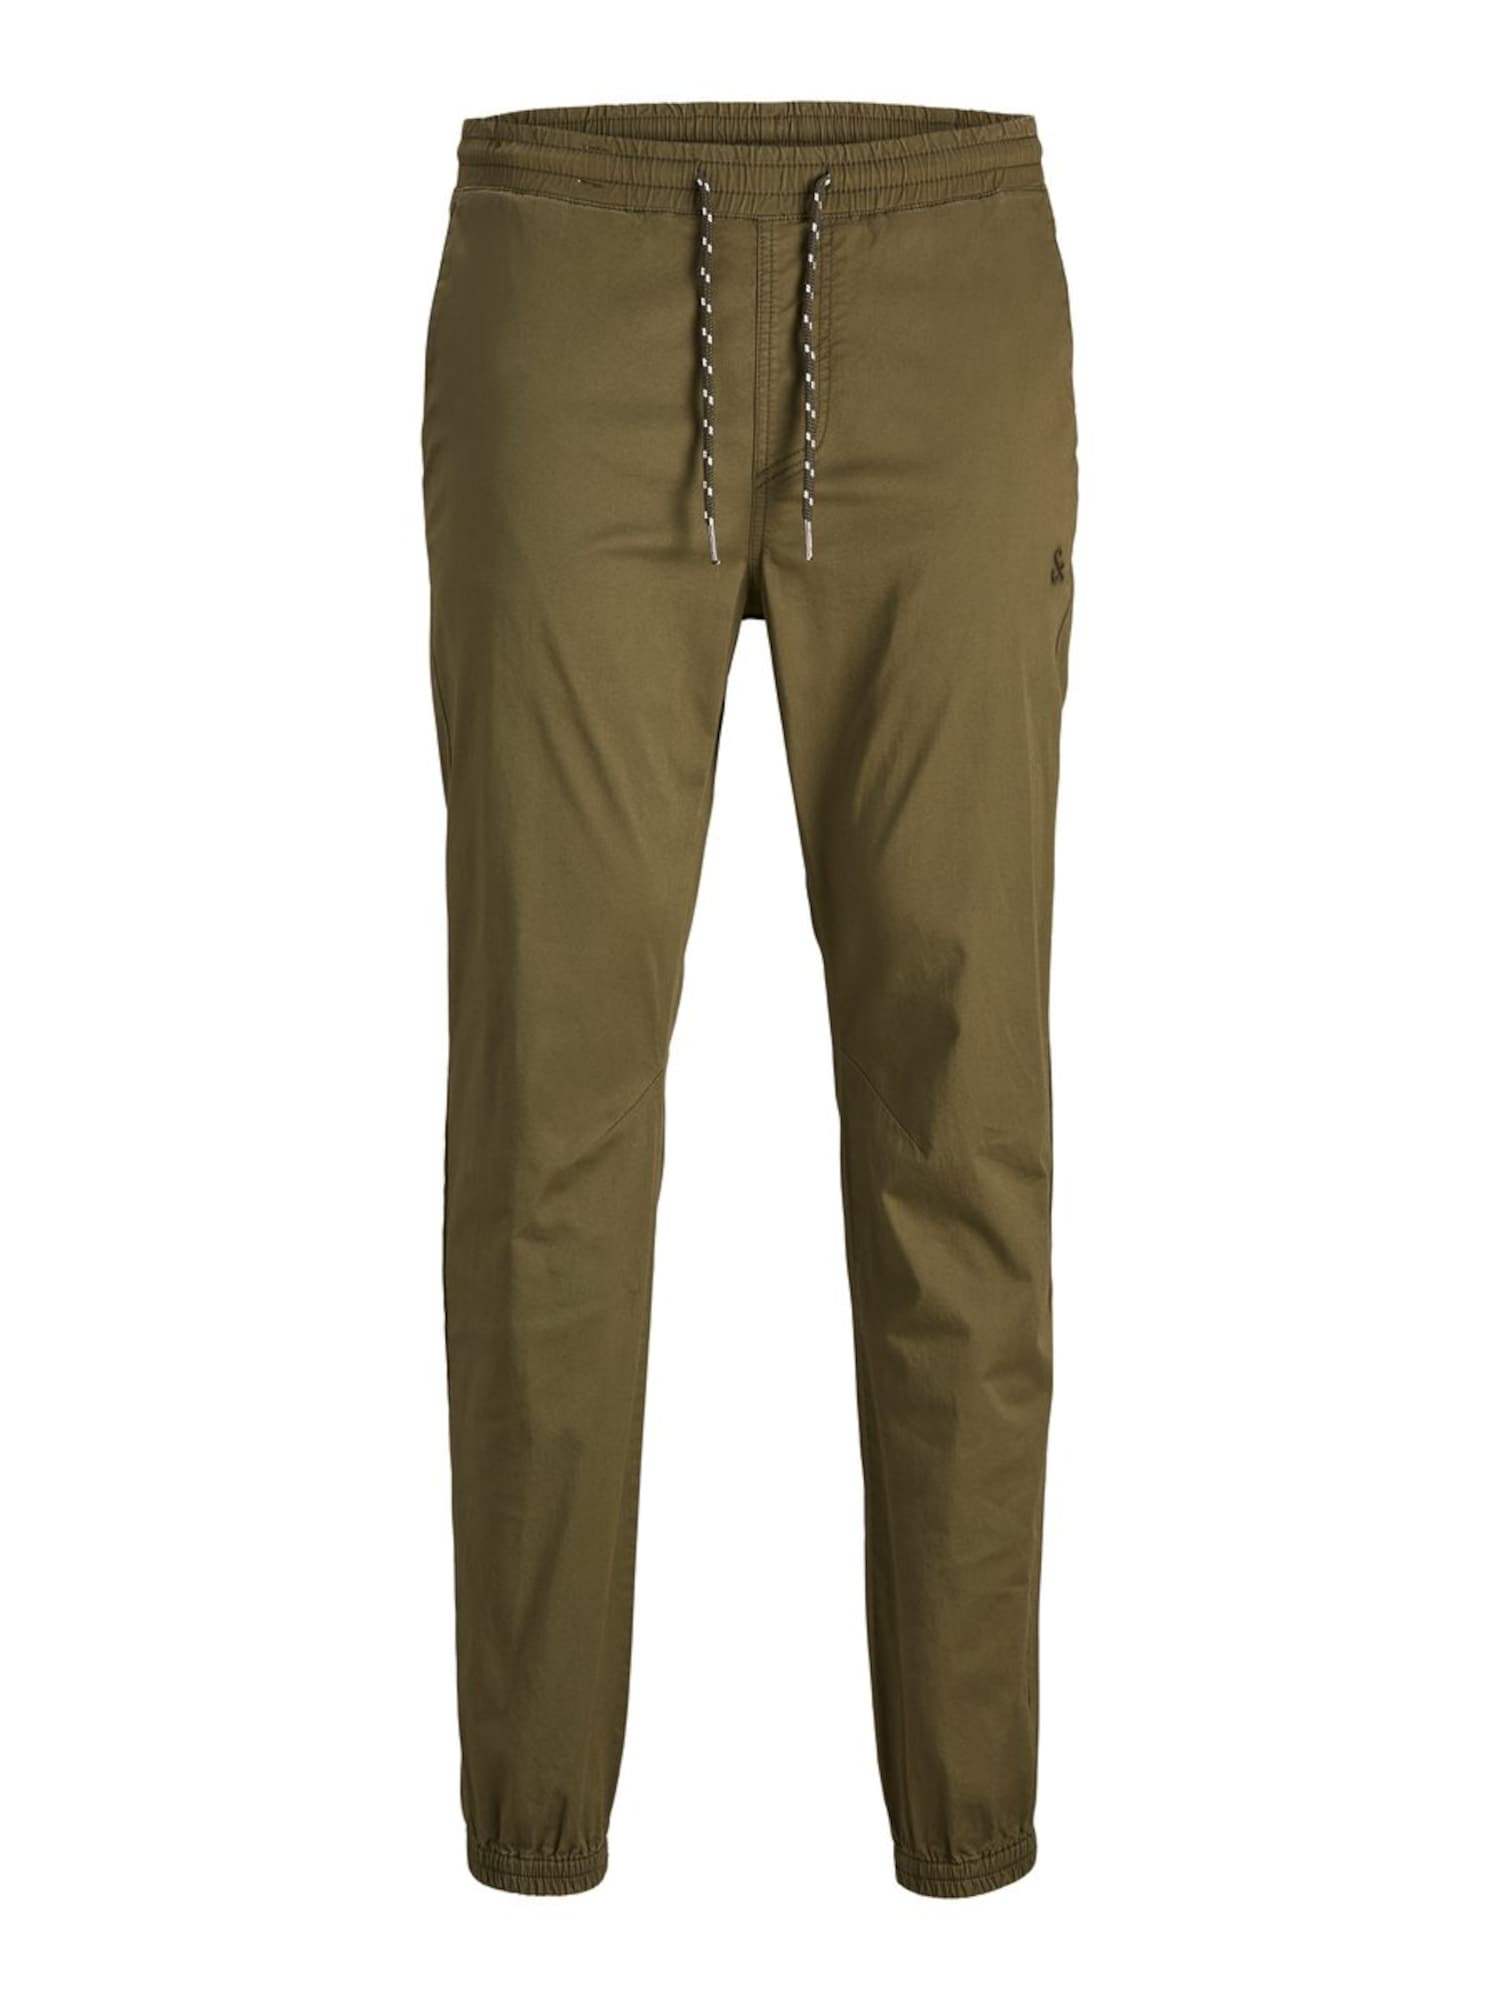 JACK & JONES Kalhoty  olivová